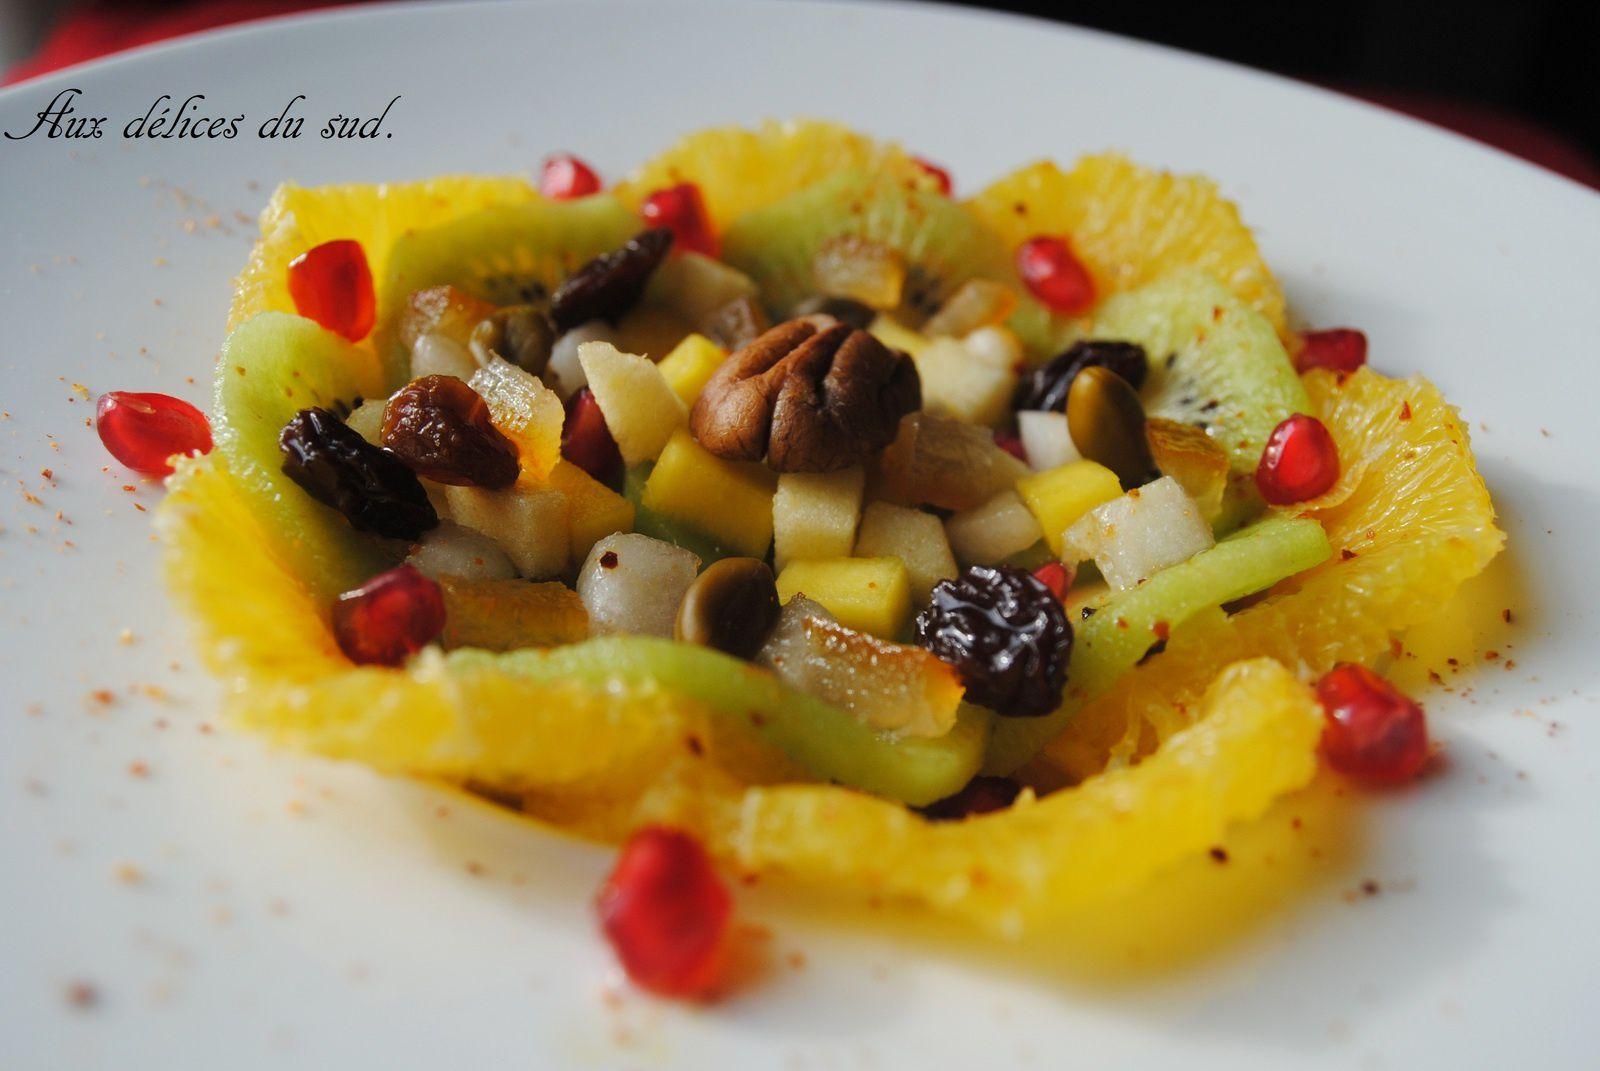 Salade de fruits d'hiver au piment d'Espelette .